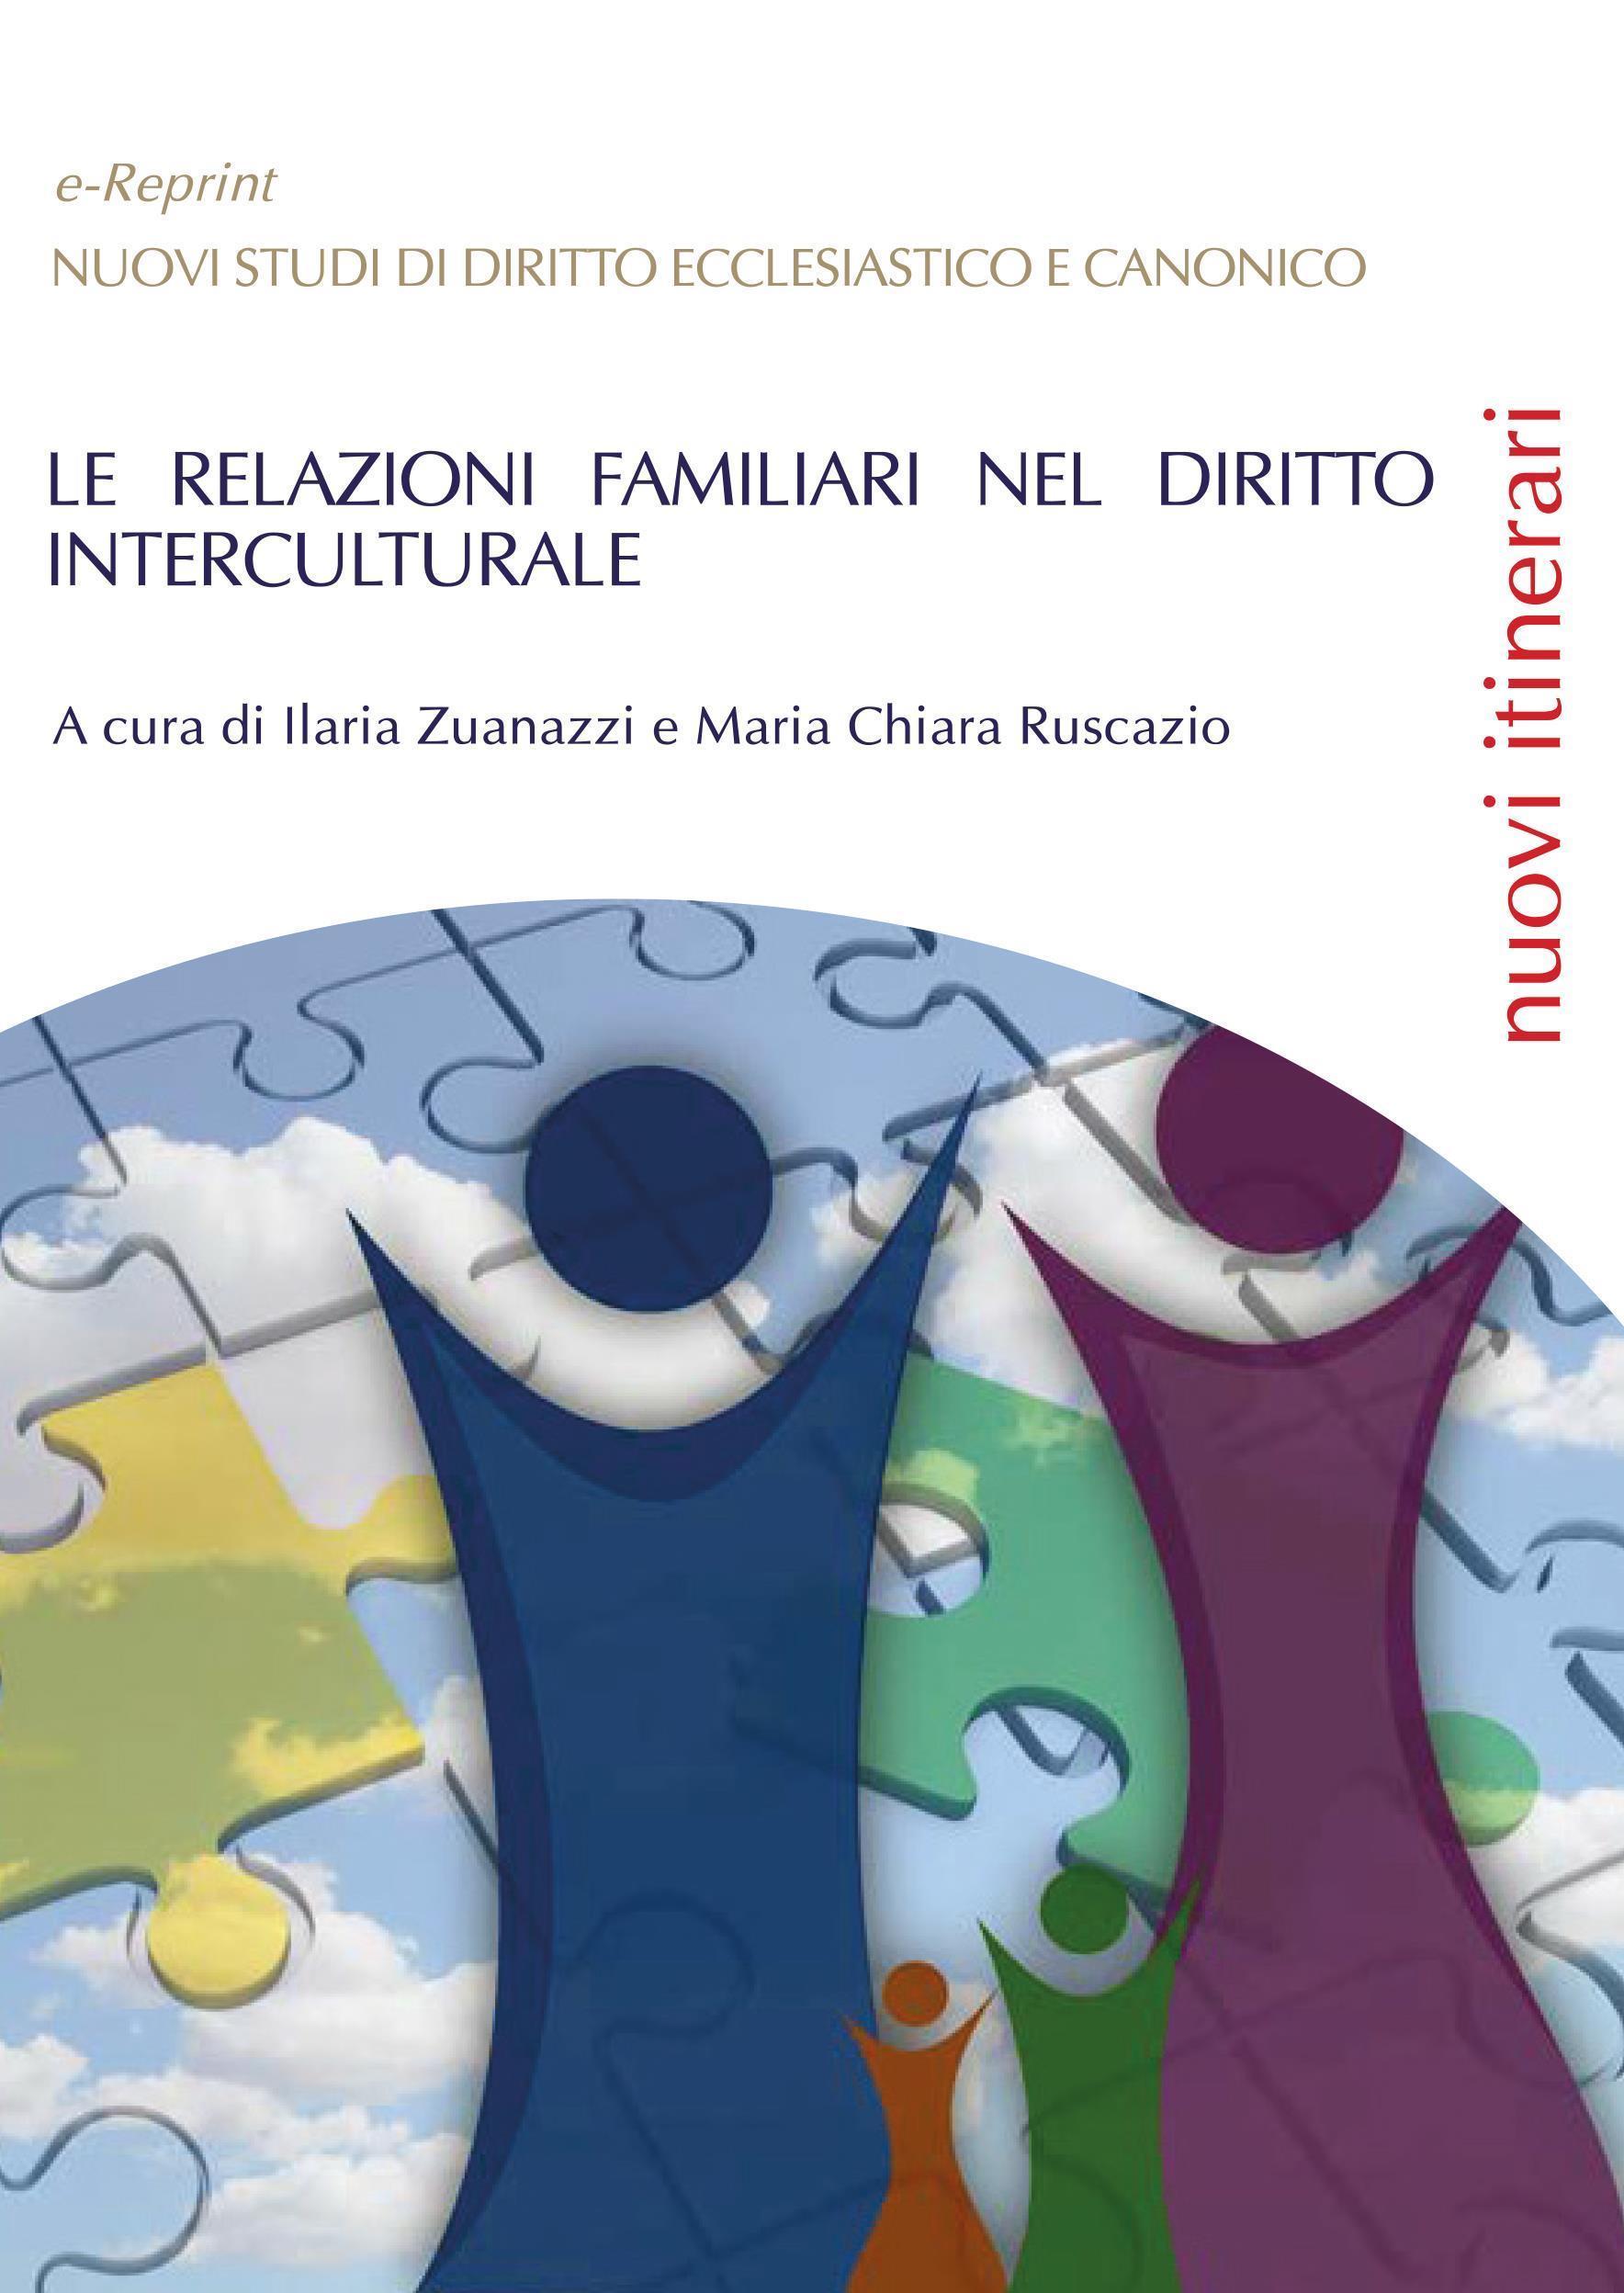 Le relazioni familiari nel diritto interculturale